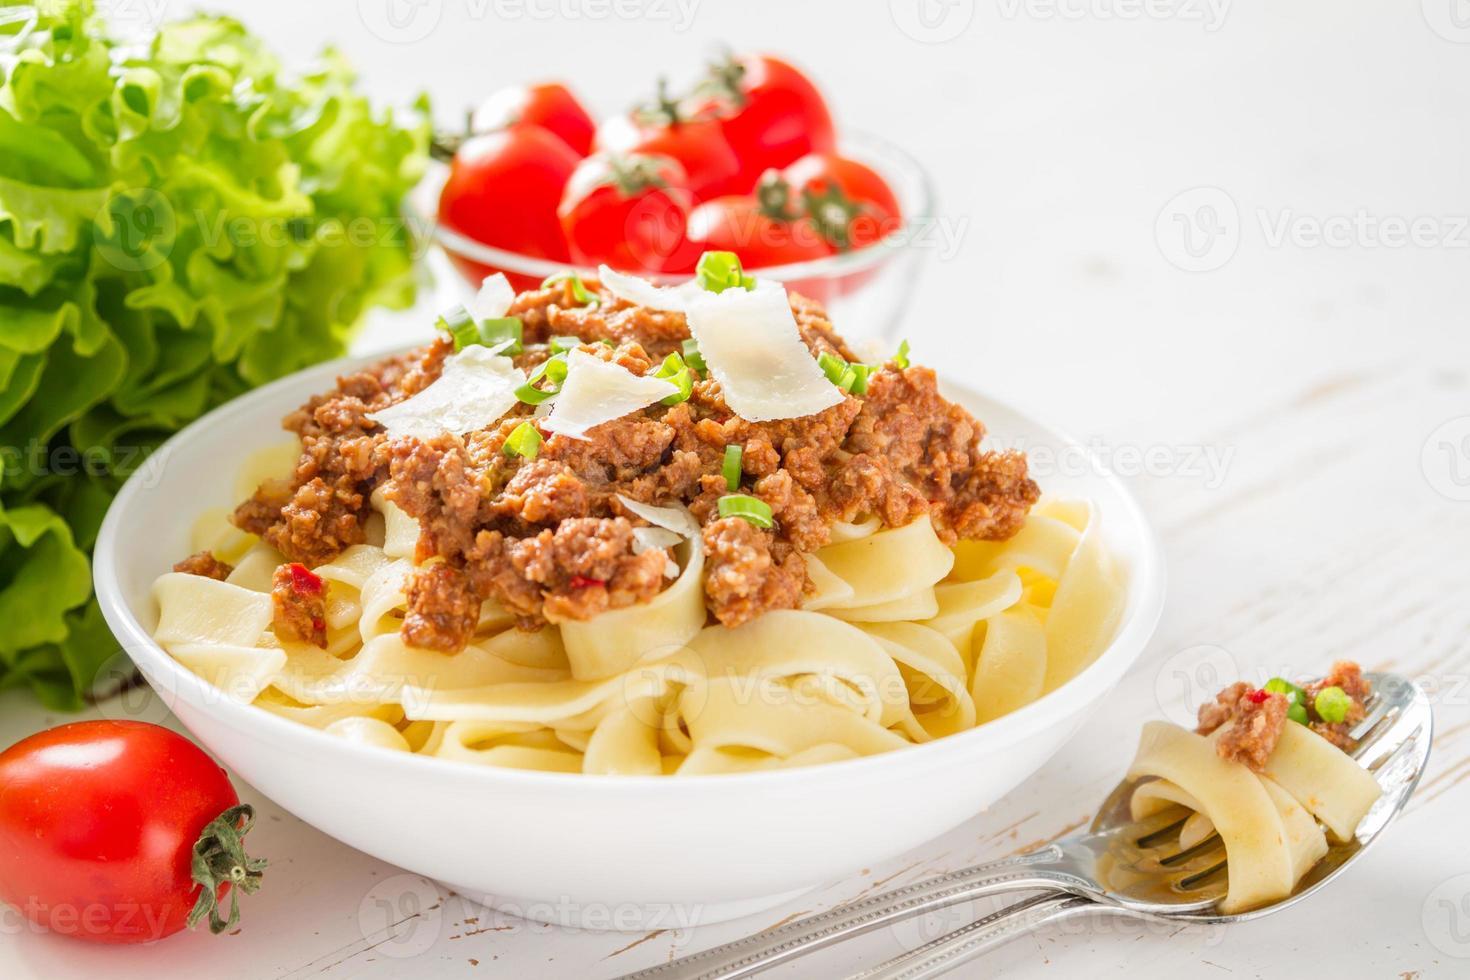 pasta alla bolognese in ciotola bianca con insalata e pomodori foto